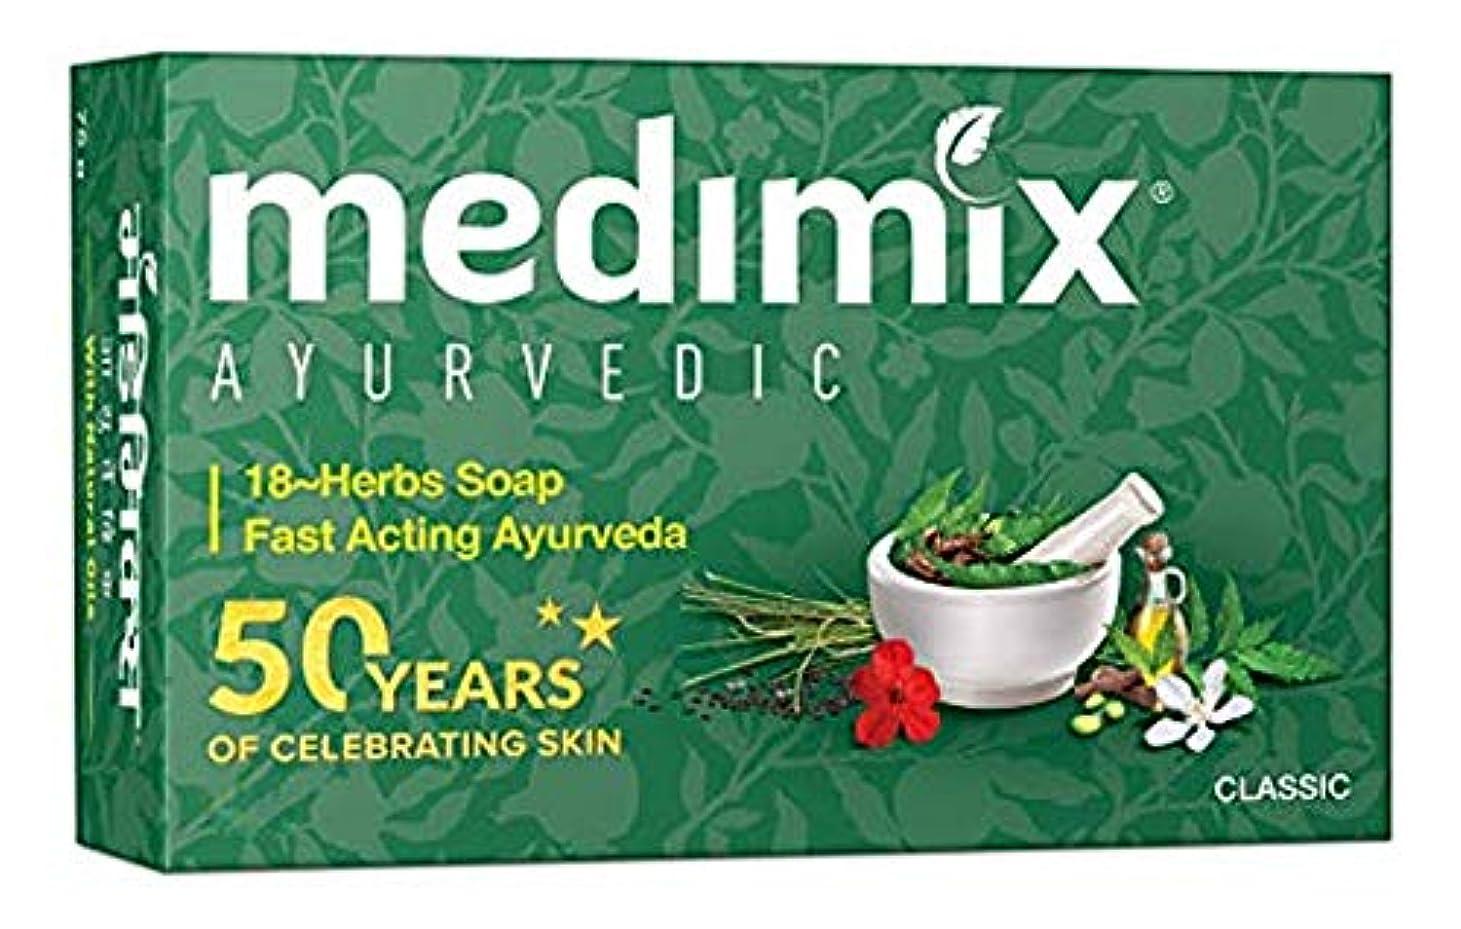 朝有名折り目MEDIMIX メディミックス アーユルヴェーダ石鹸 18ハーブス20個セット(medimix classic 18-HERB AYURVEDA) 125g